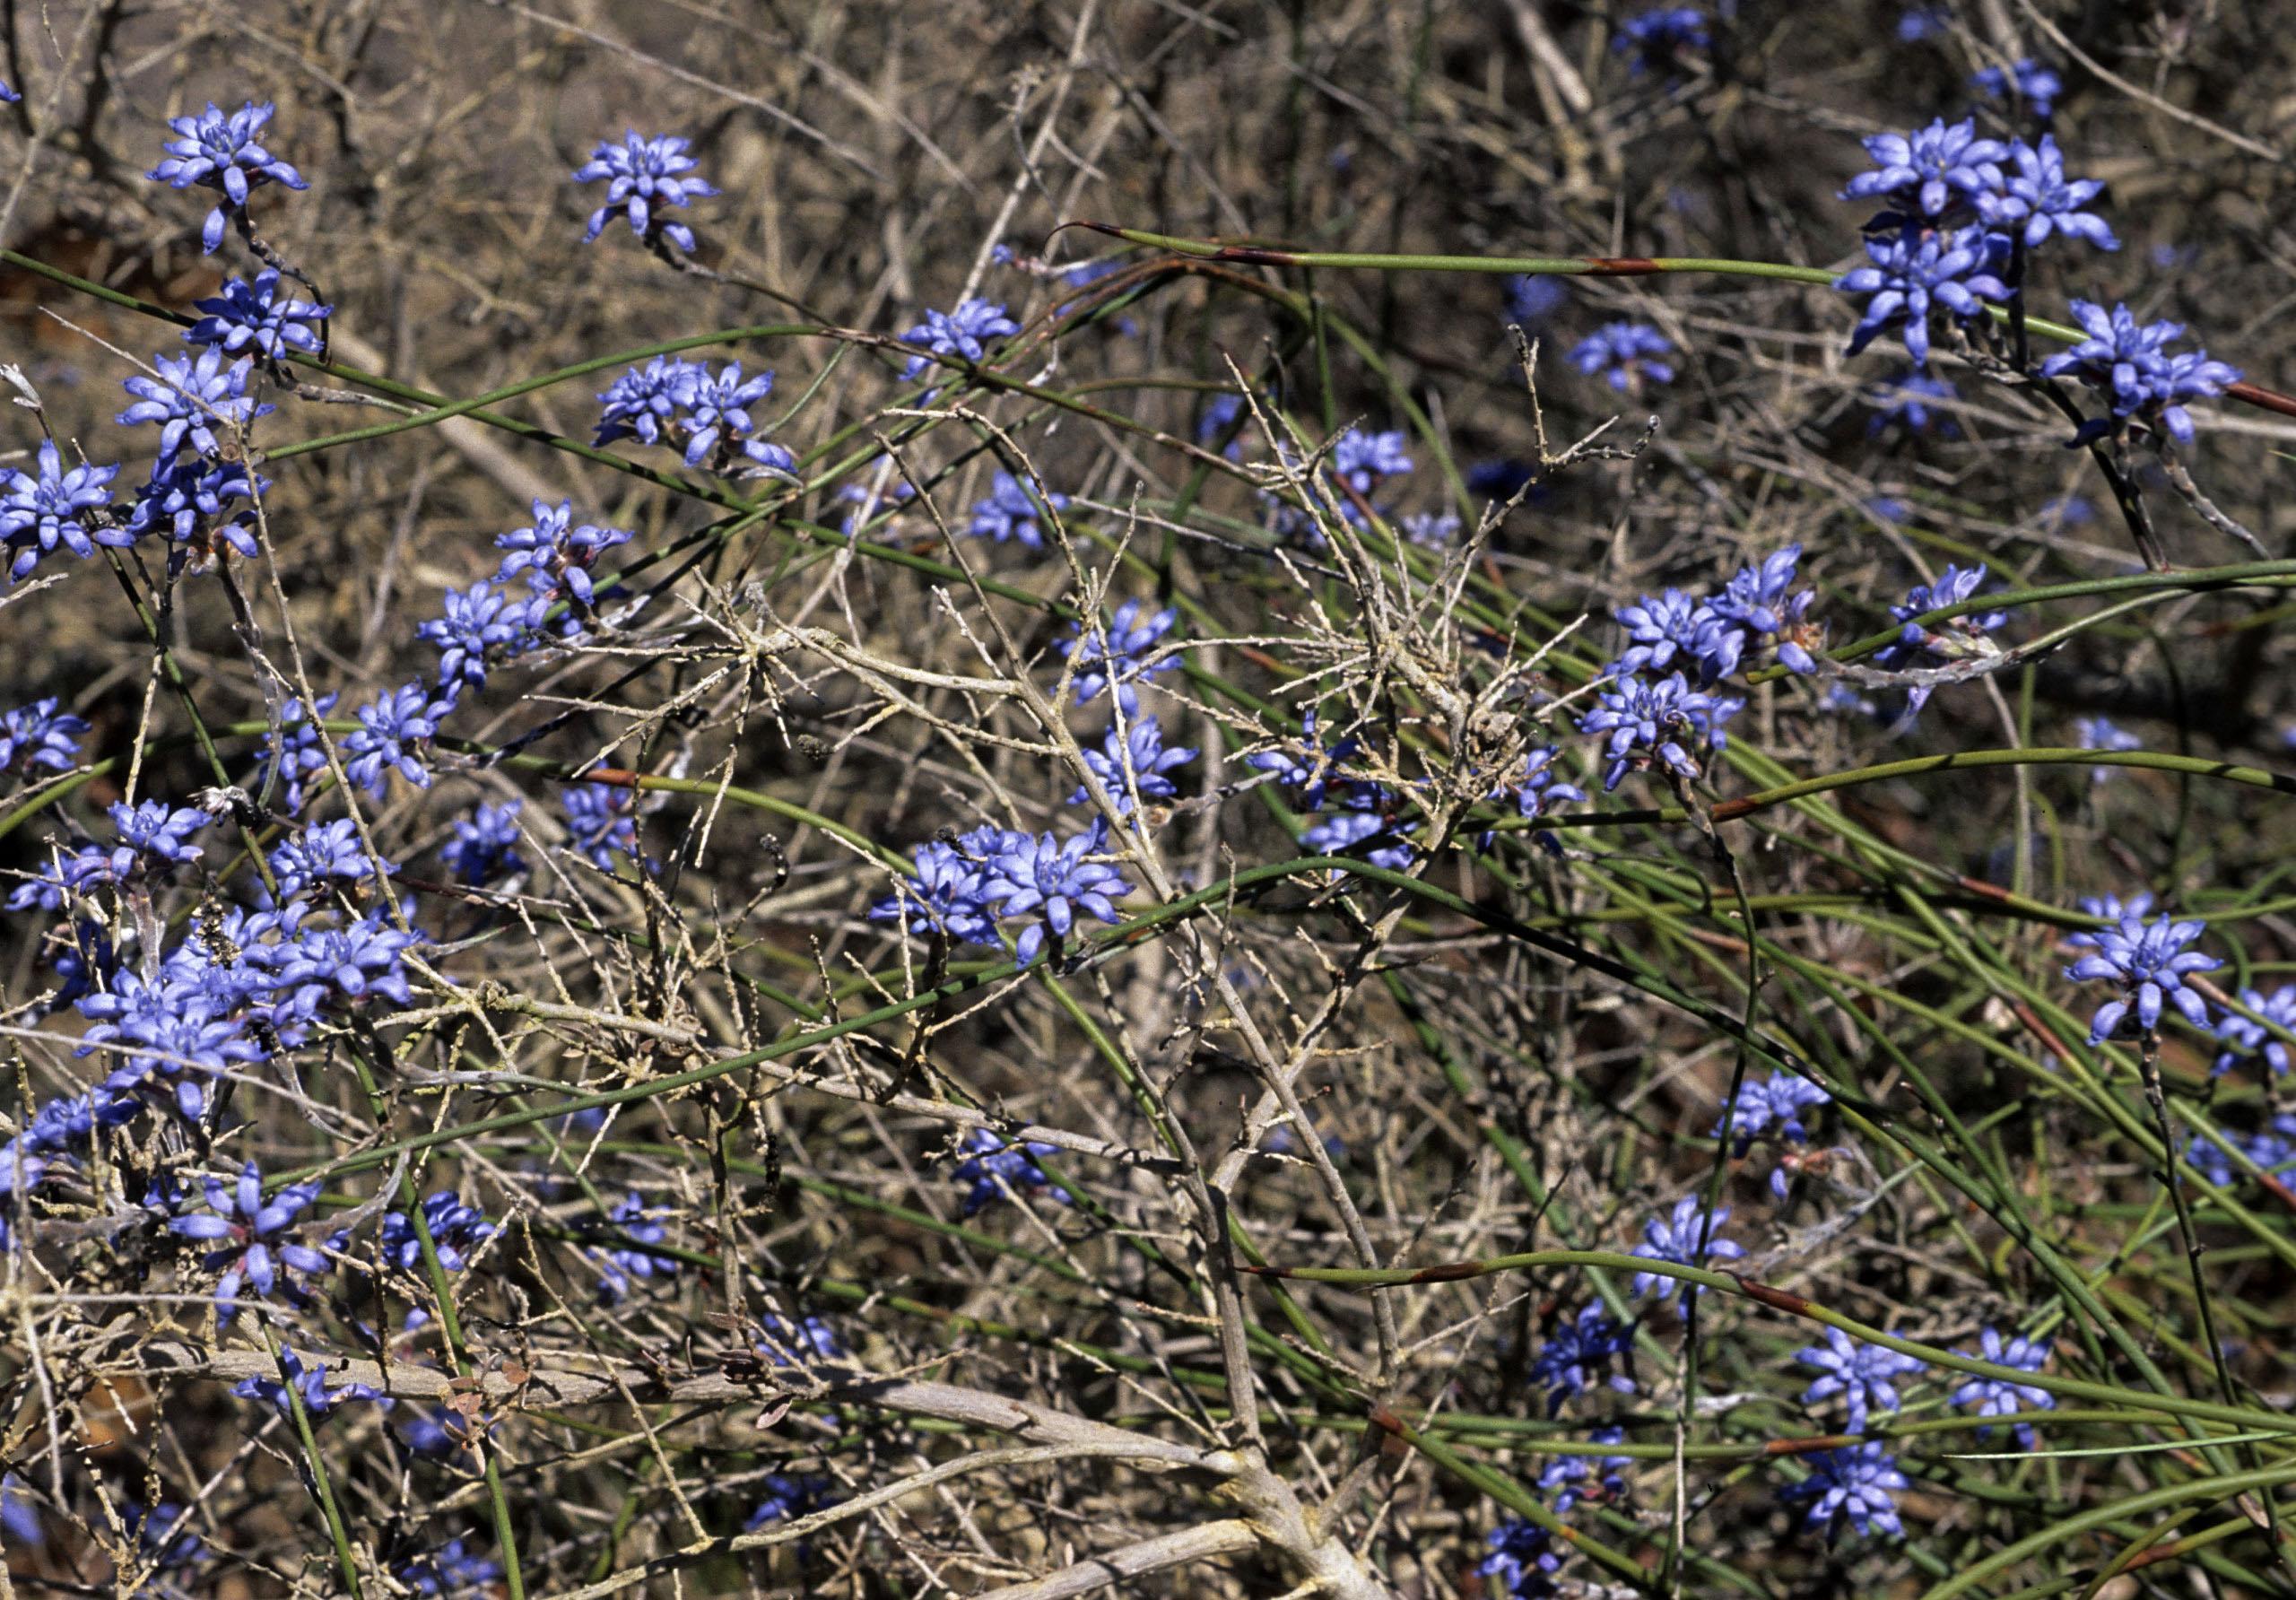 Conospermum caeruleum